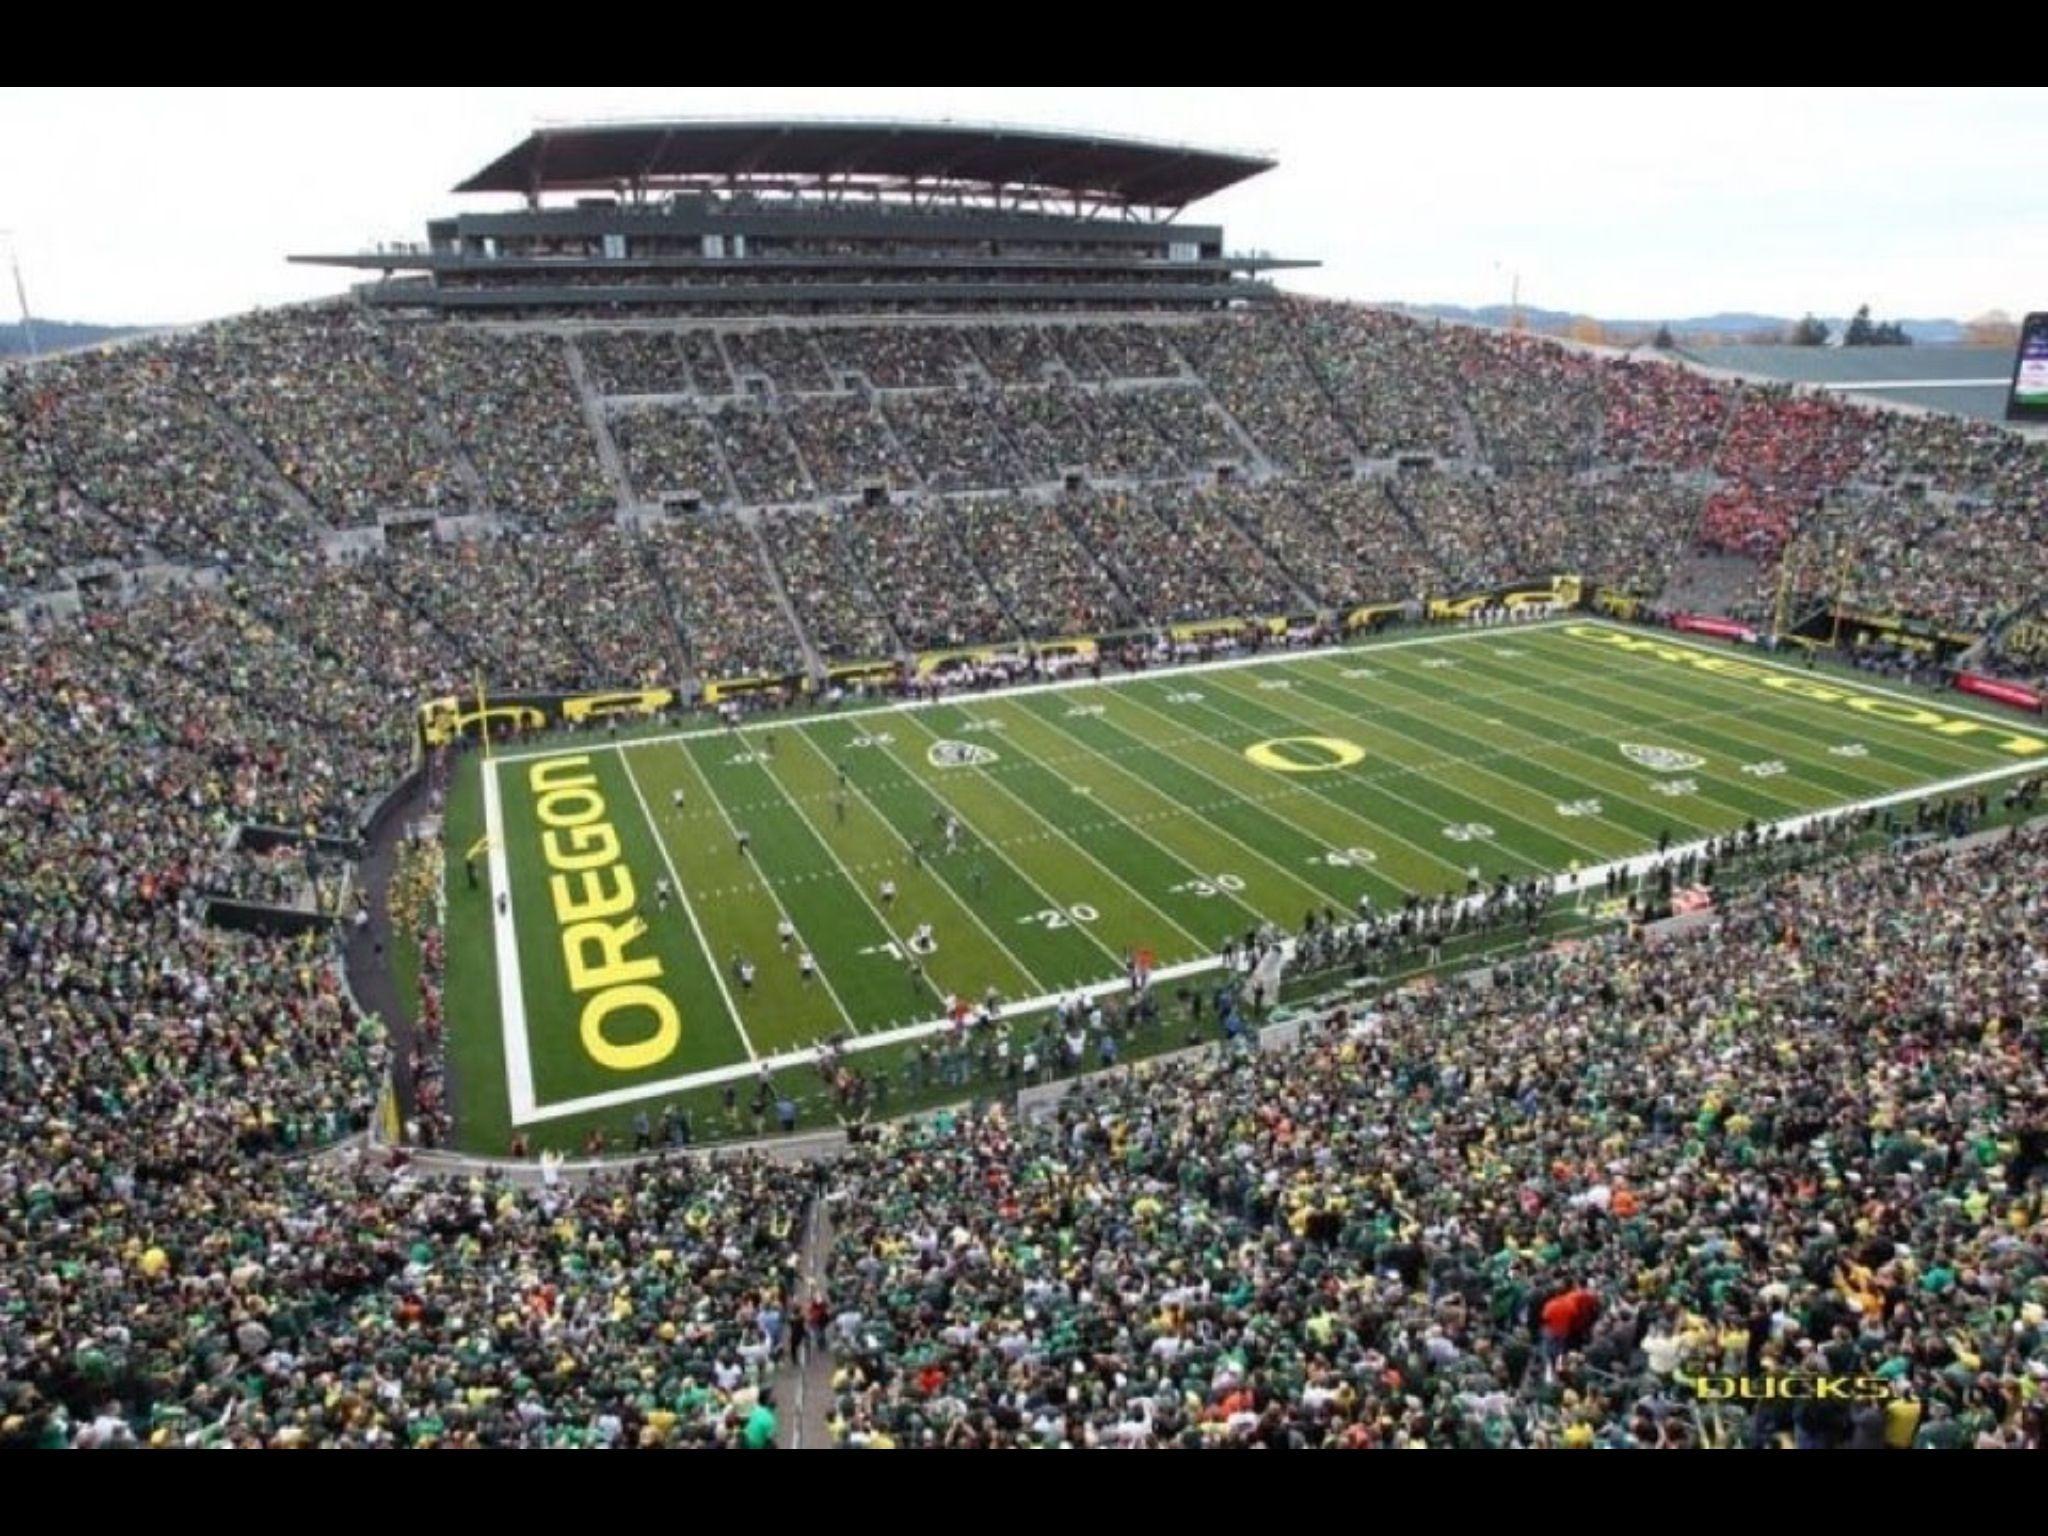 Autzen Stadium Home Of The University Of Oregon Ducks Eugene Or Oregon Ducks Football Autzen Stadium Oregon Ducks